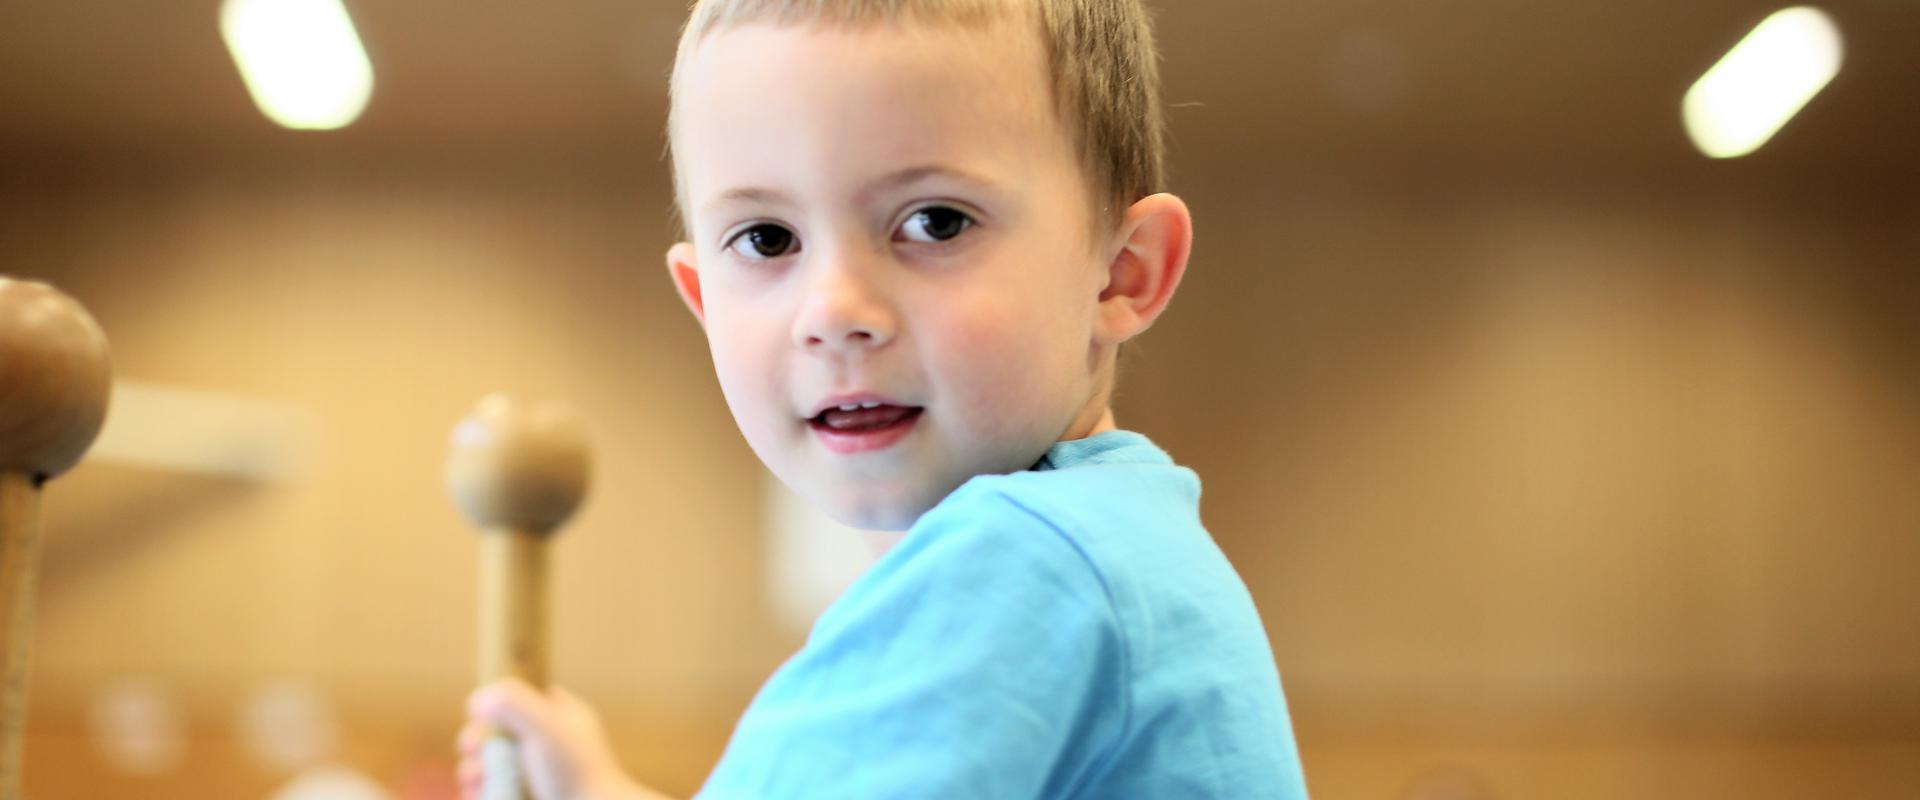 Kind hält sich an Holzstangen fest in der MEDIAN Kinder- und Jugendklinik Beelitz